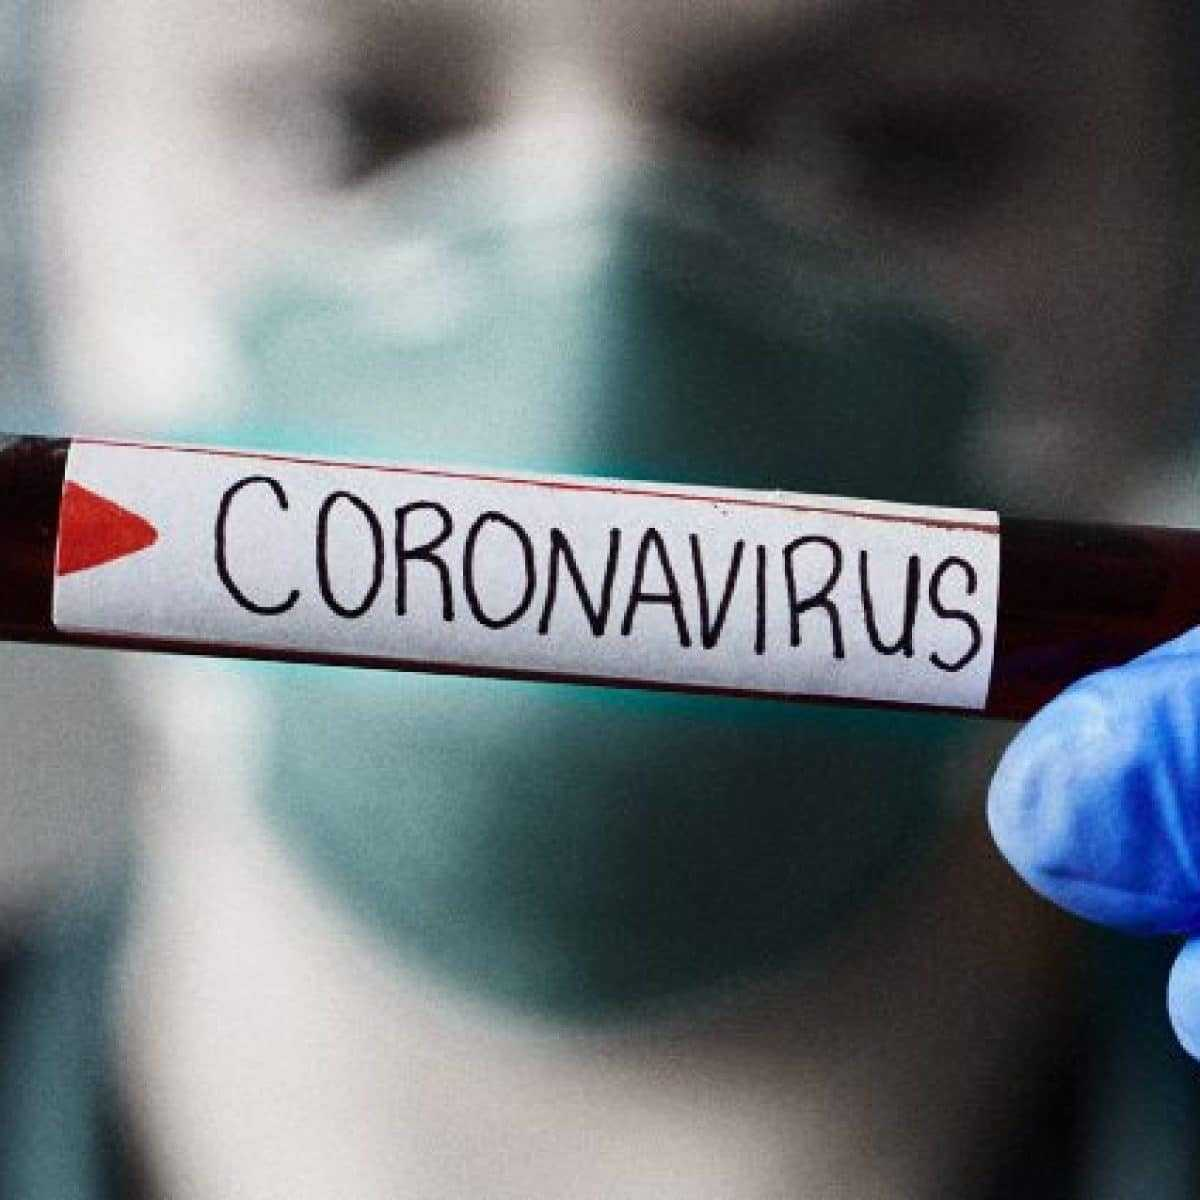 coronavirus,-in-abruzzo-3-casi-su-4-riguardano-giovani-e-giovanissimi